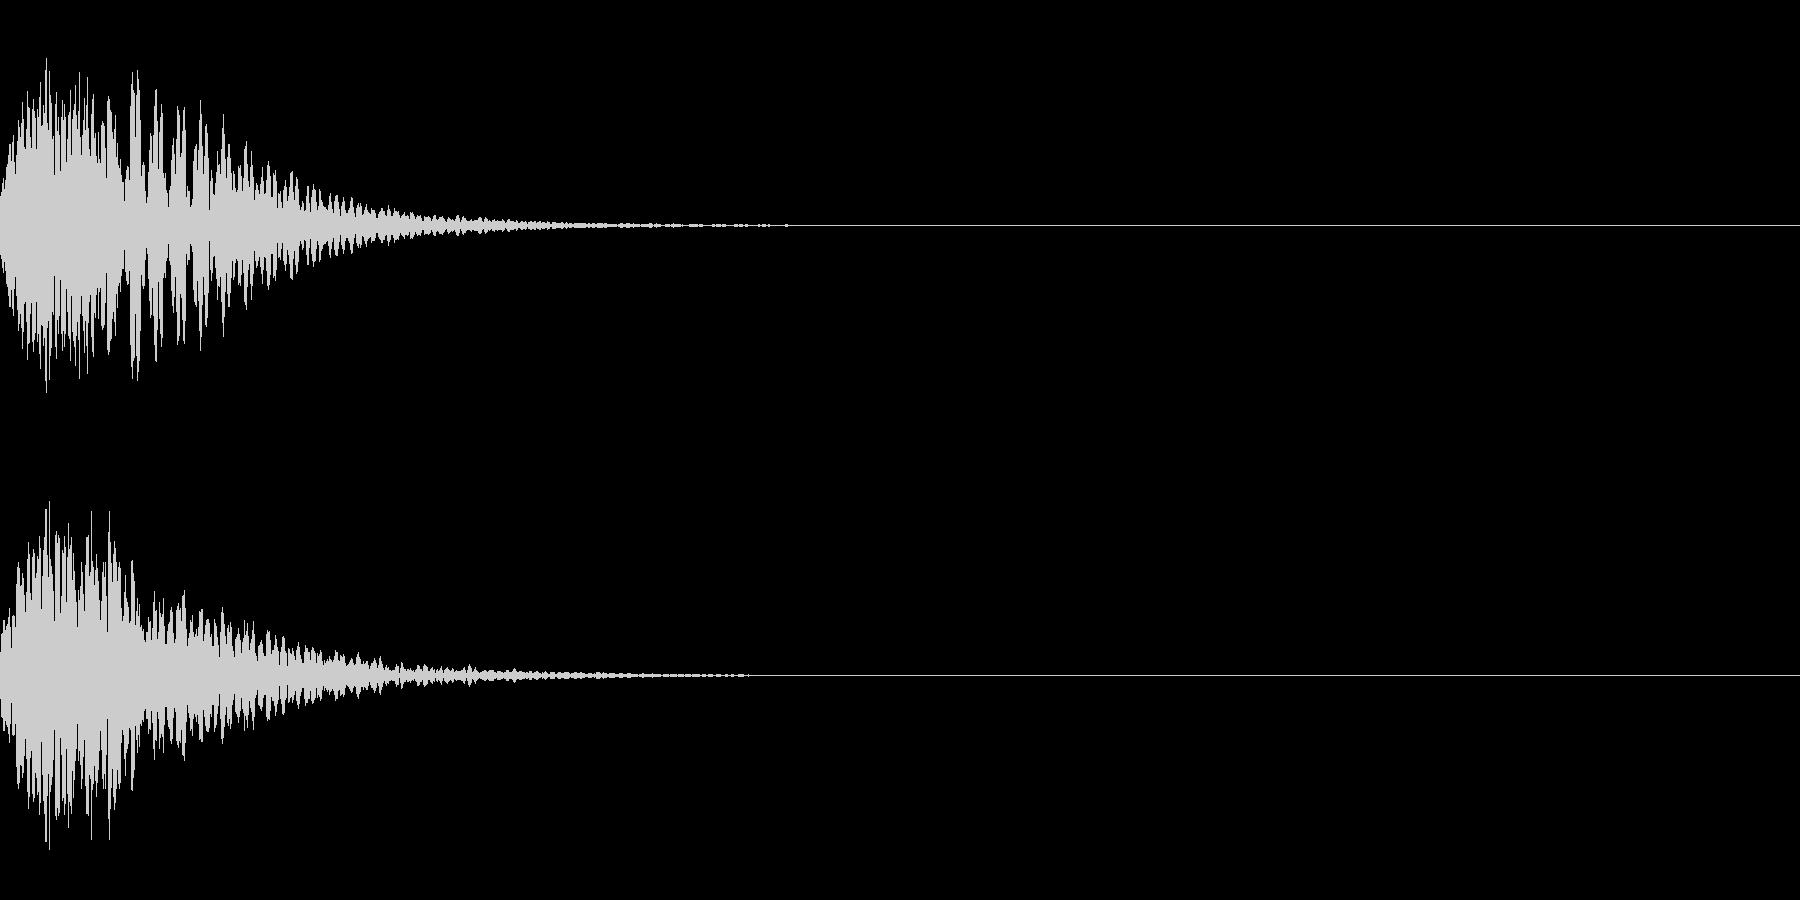 キュイン 光 ピカーン フラッシュ 06の未再生の波形